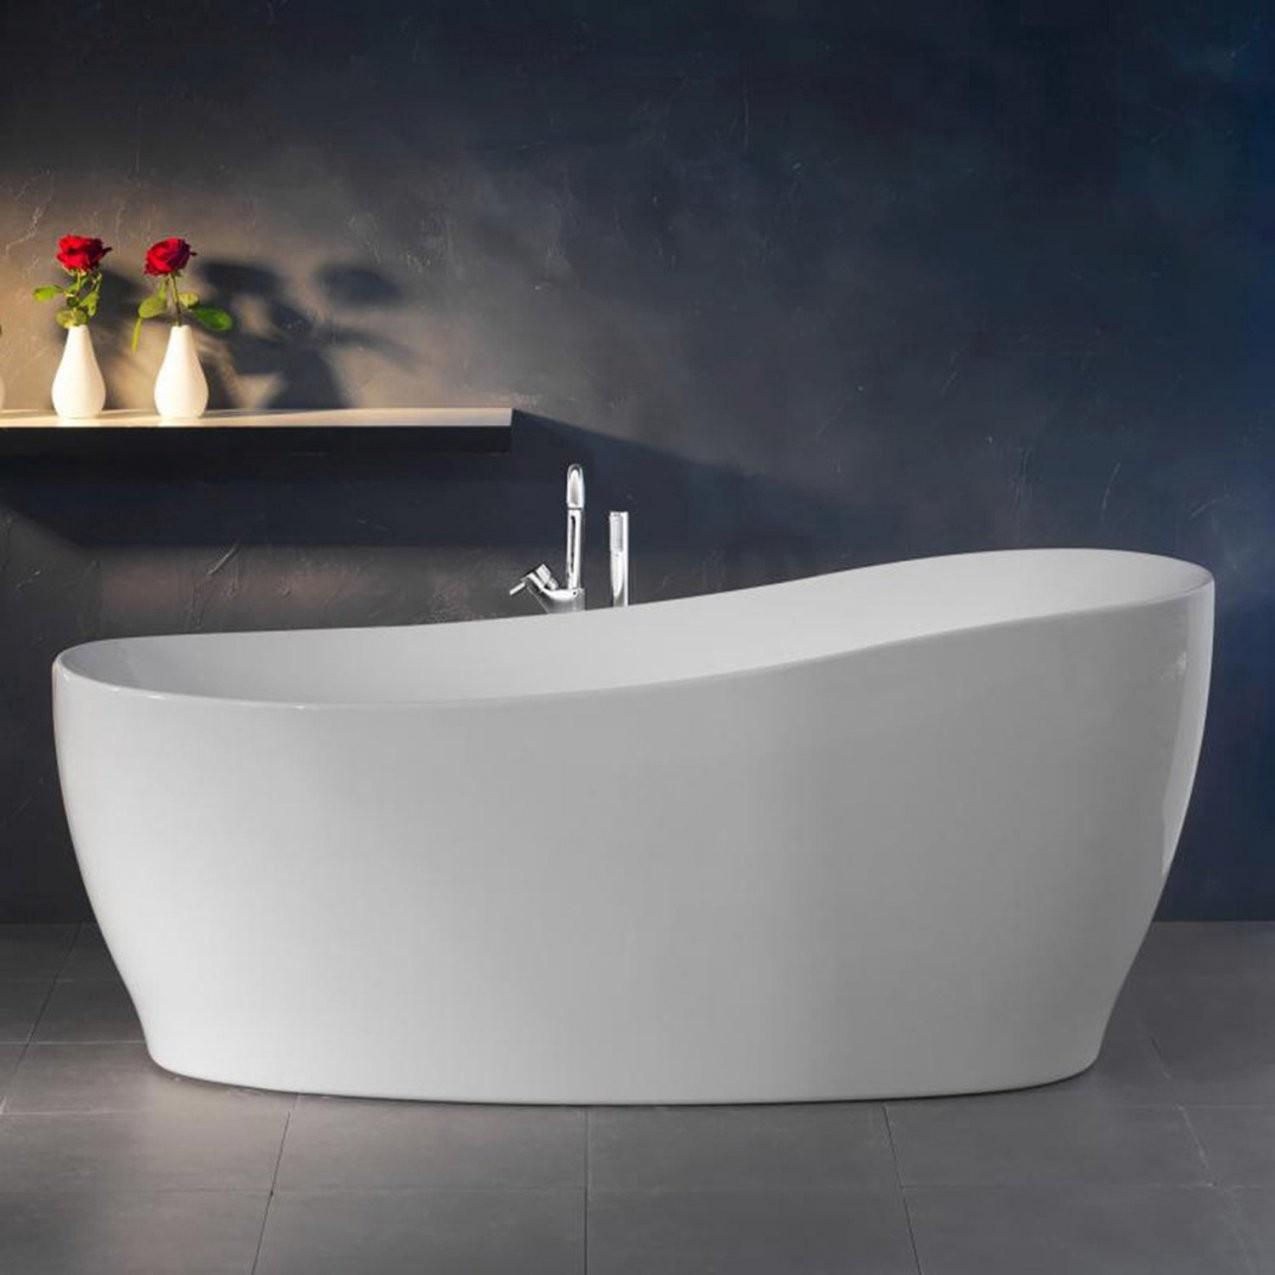 Freistehende Badewanne Erfahrungen  Haus Ideen von Freistehende Badewanne Erfahrungen Photo